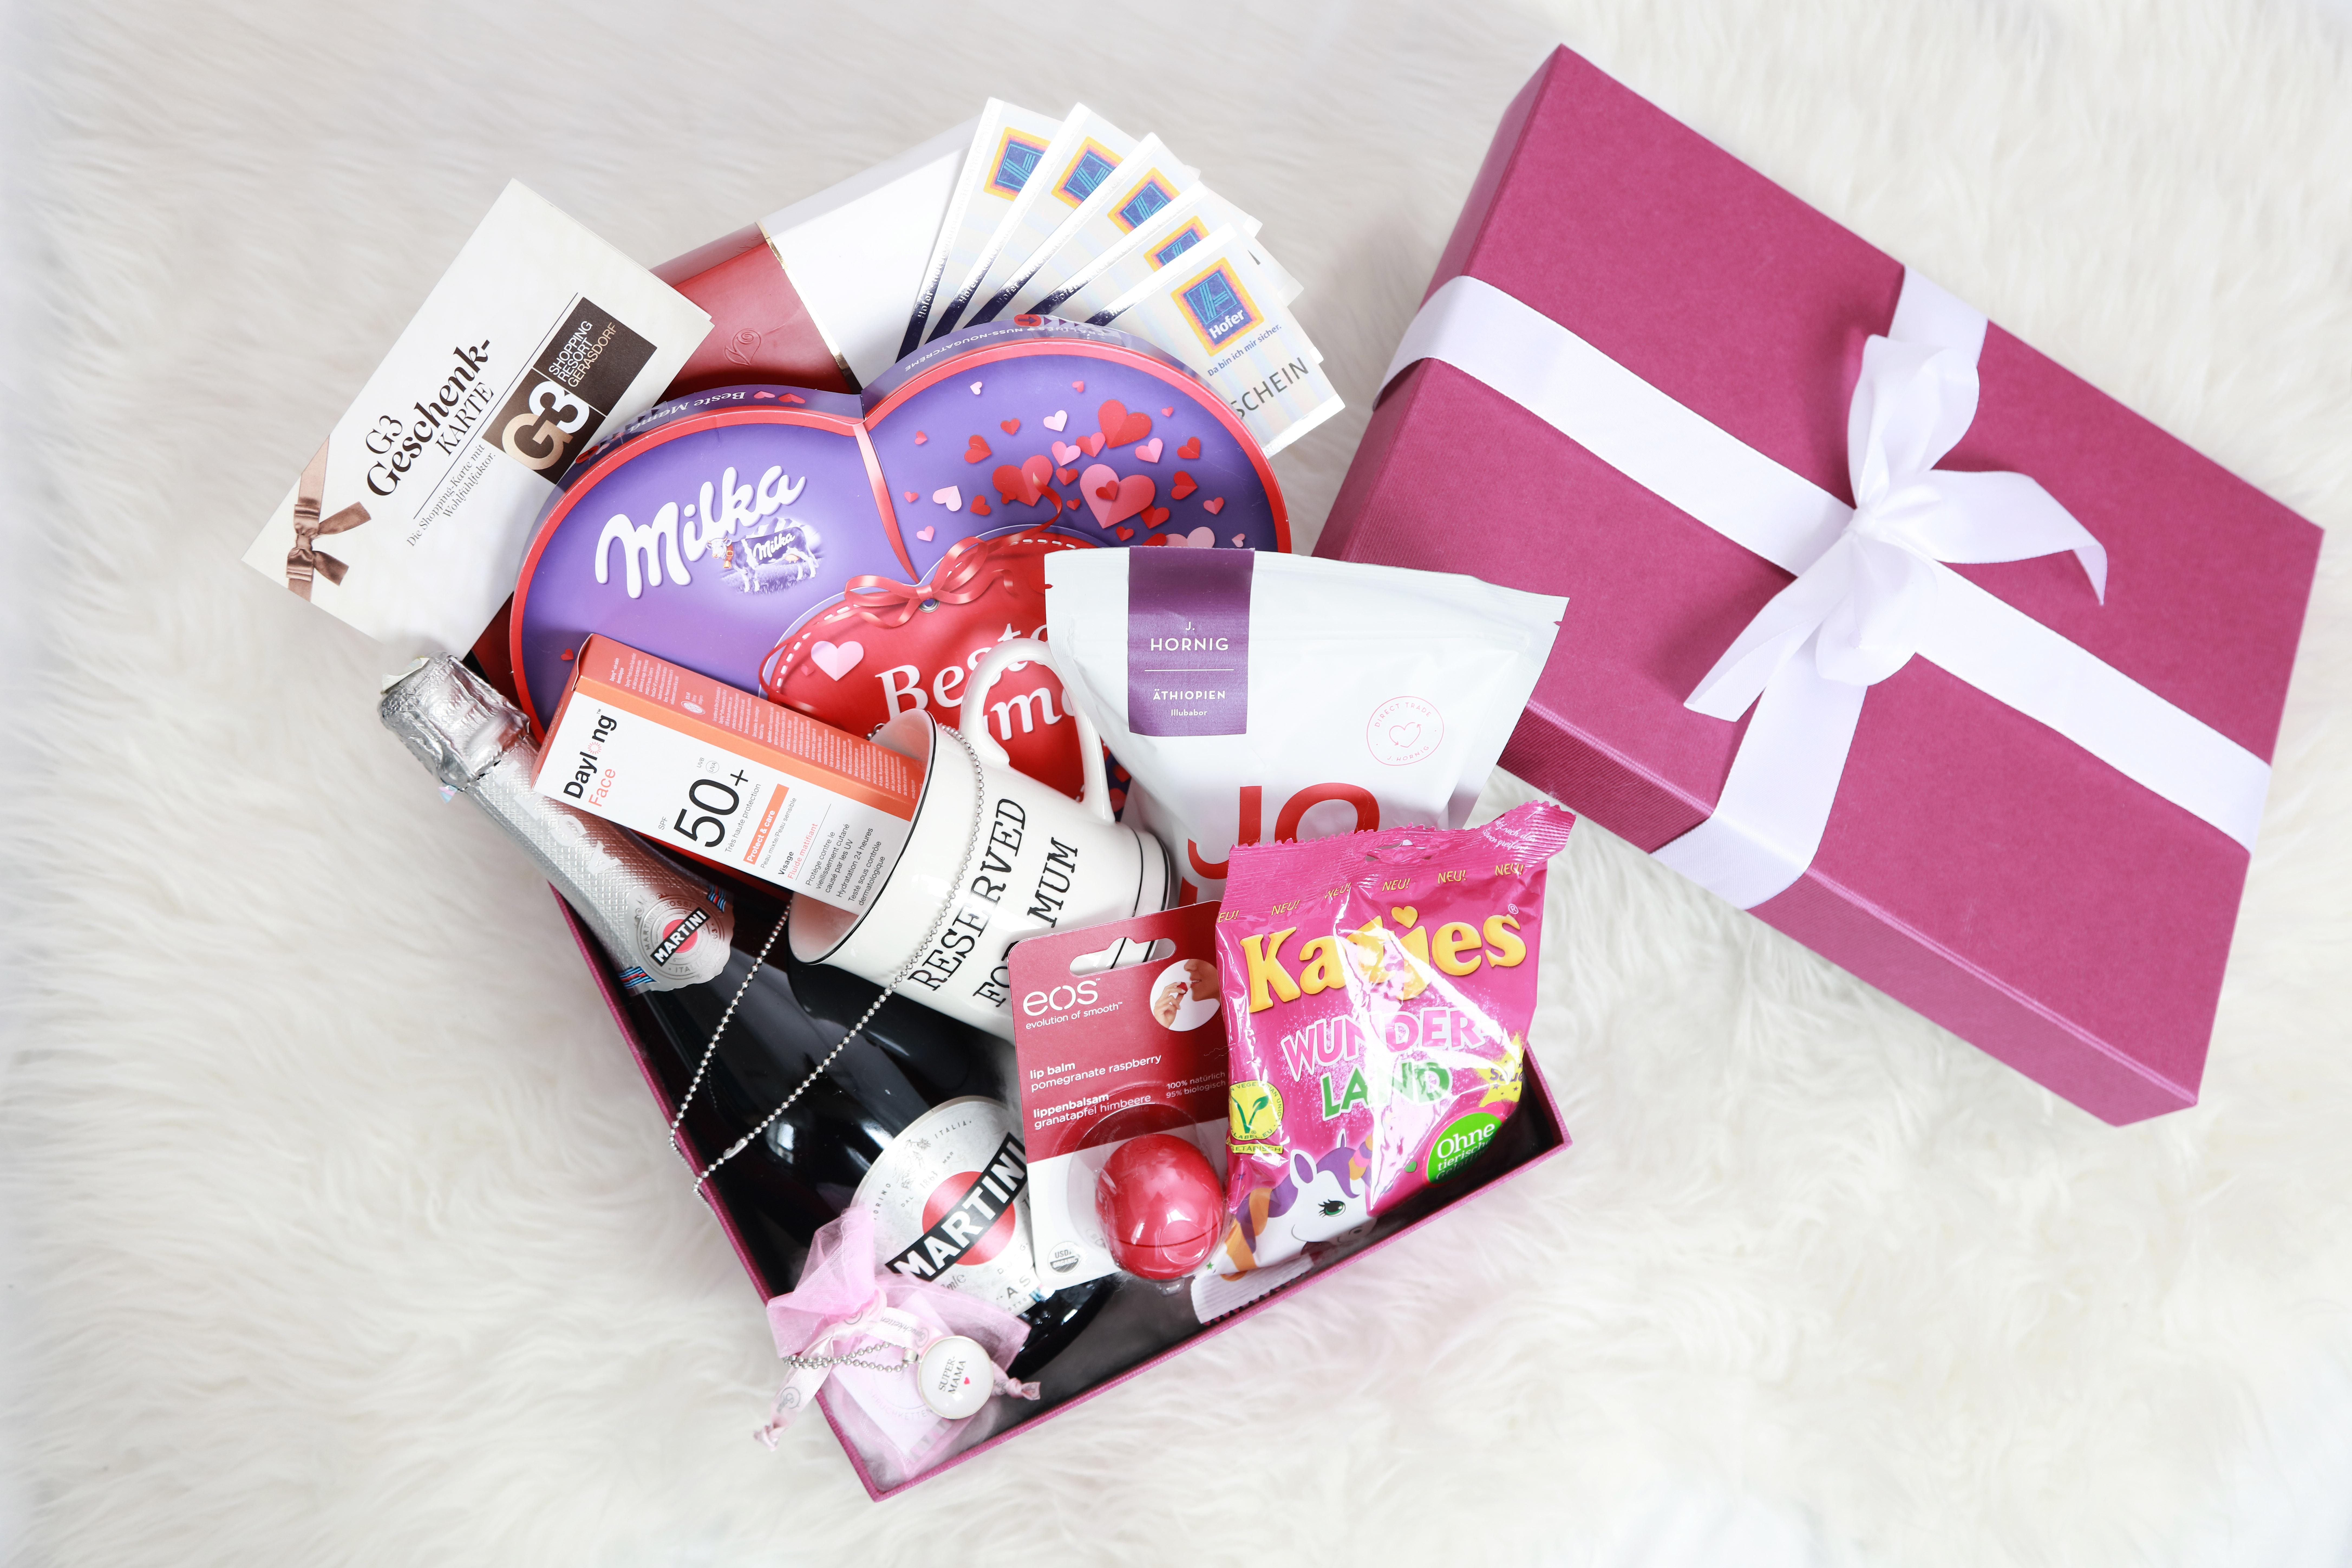 muttertagsbox geschenkideen zum muttertag ber die sich jede mama freut. Black Bedroom Furniture Sets. Home Design Ideas